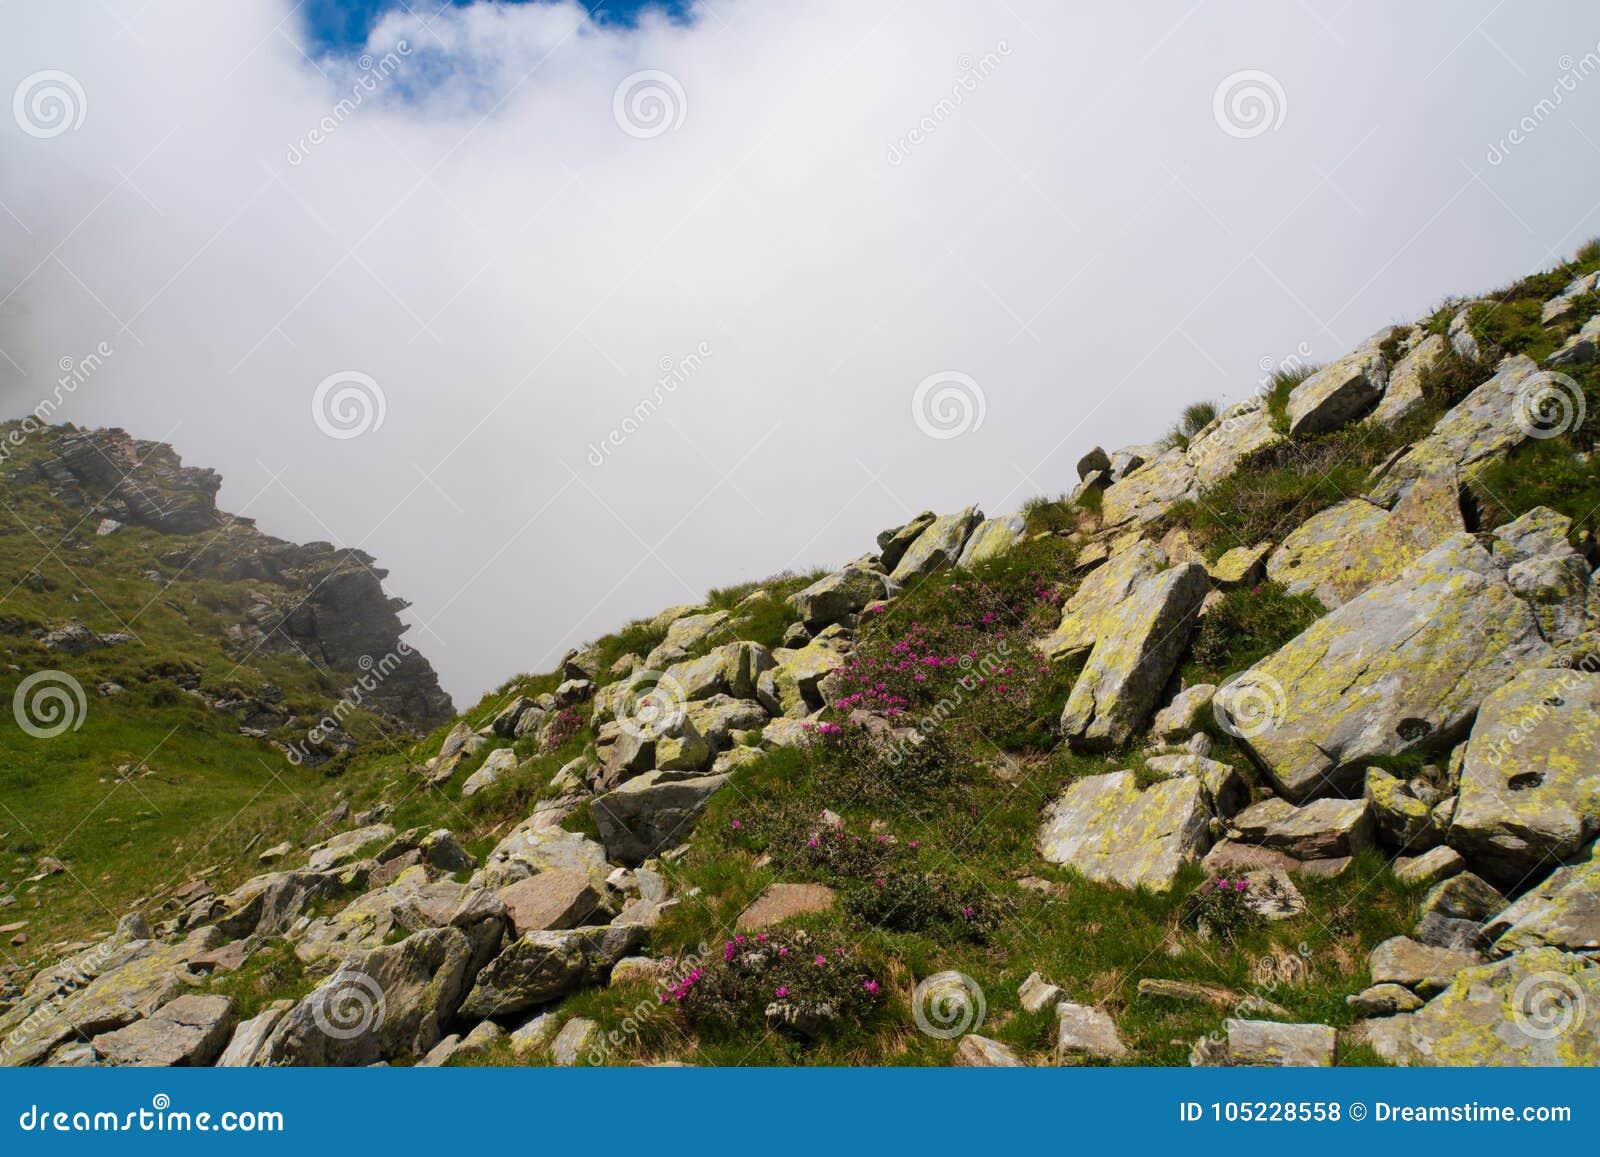 Όμορφο άγριο τοπίο με τα δύσκολα βουνά στην υδρονέφωση πρωινού